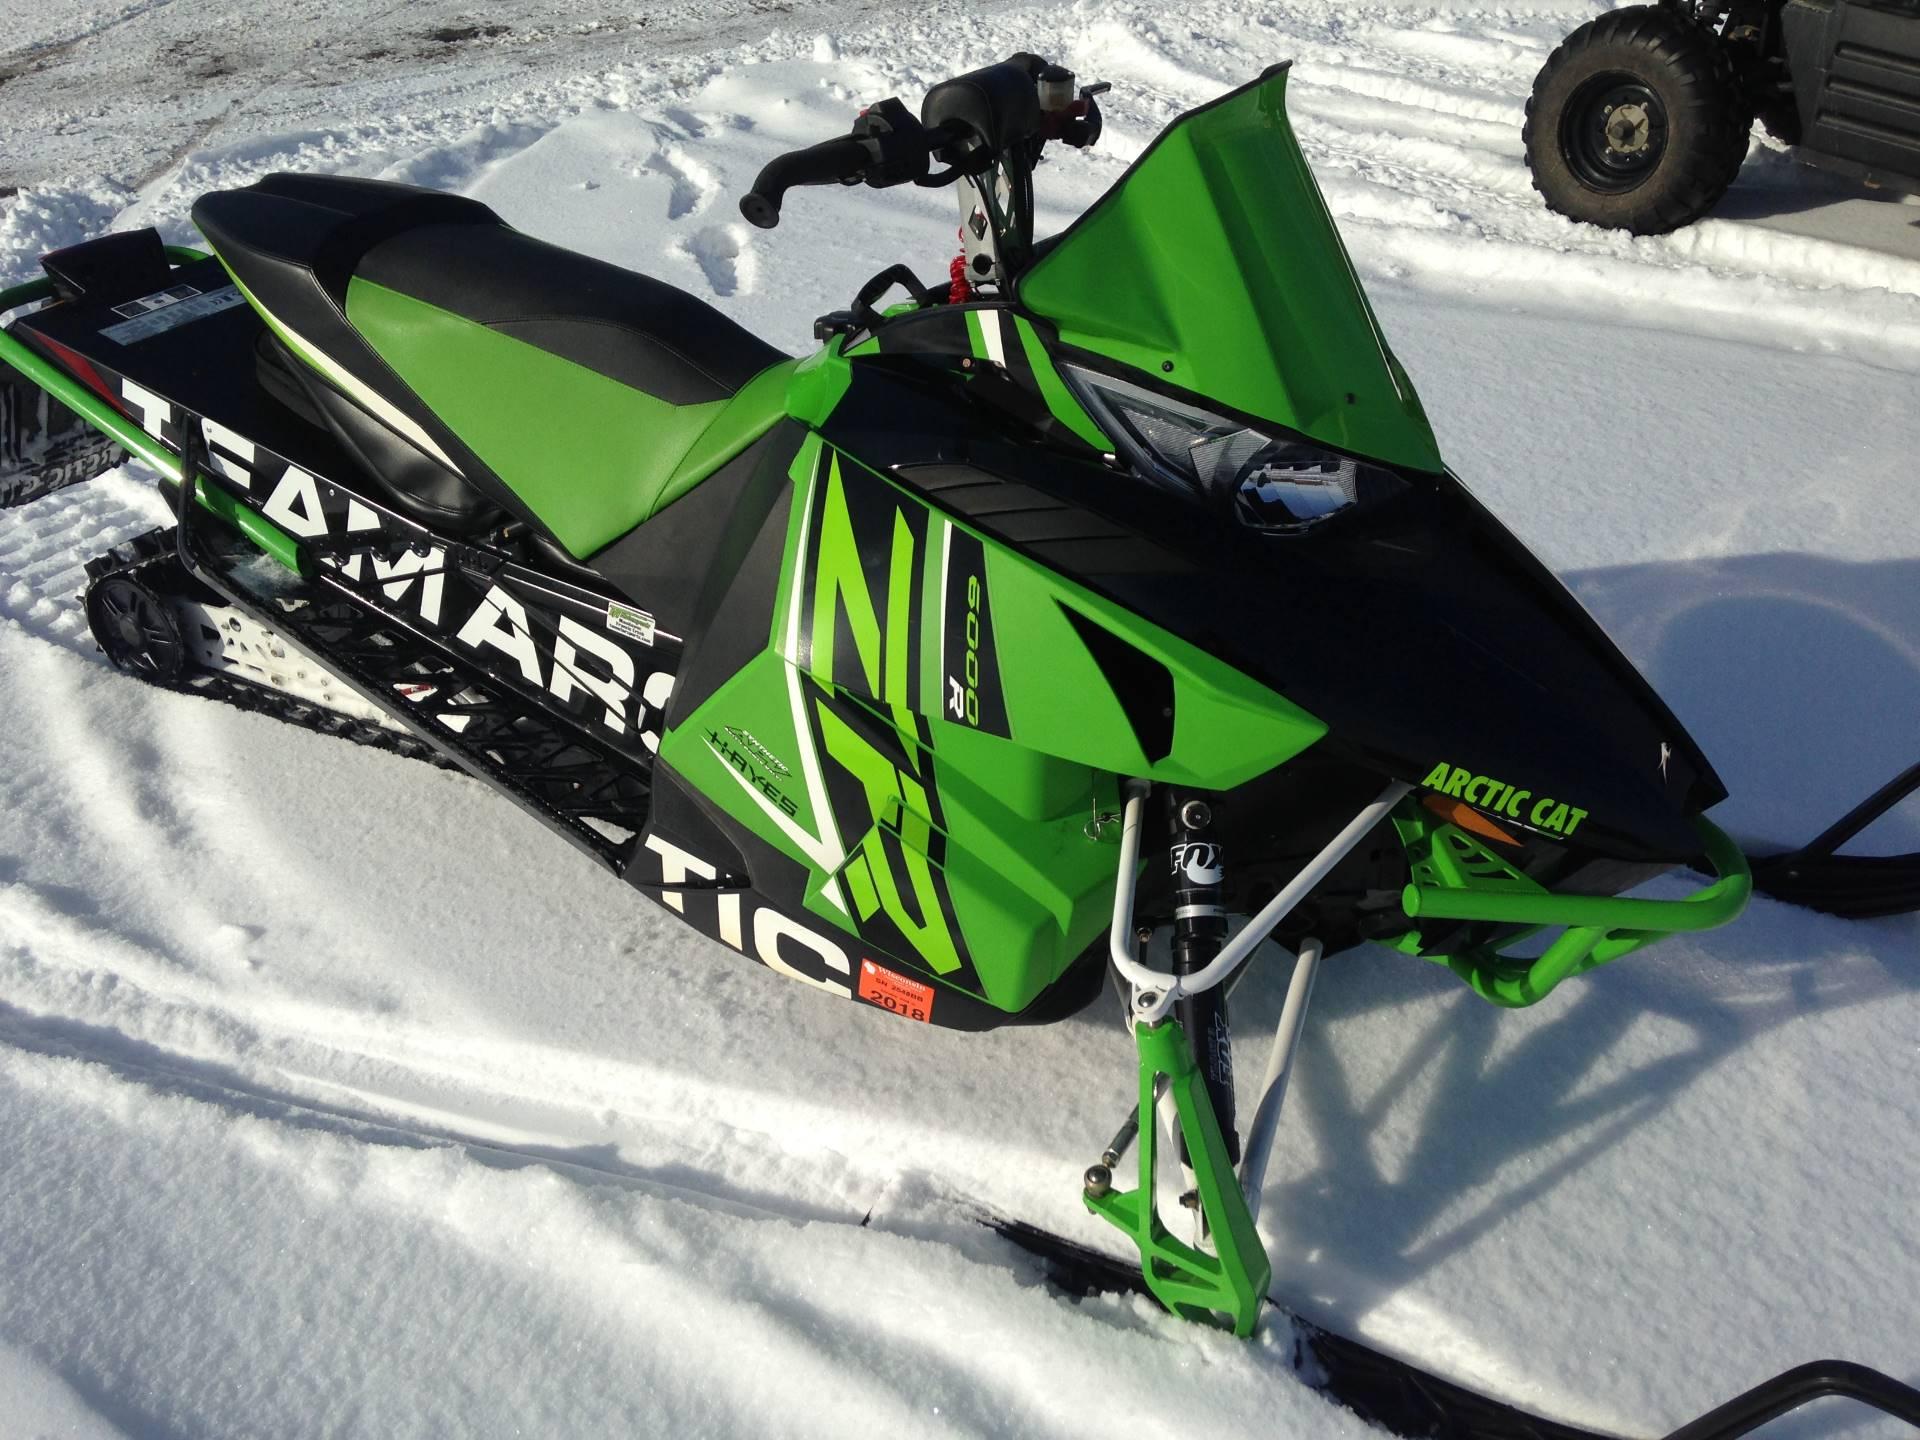 2015 ZR 6000 RR